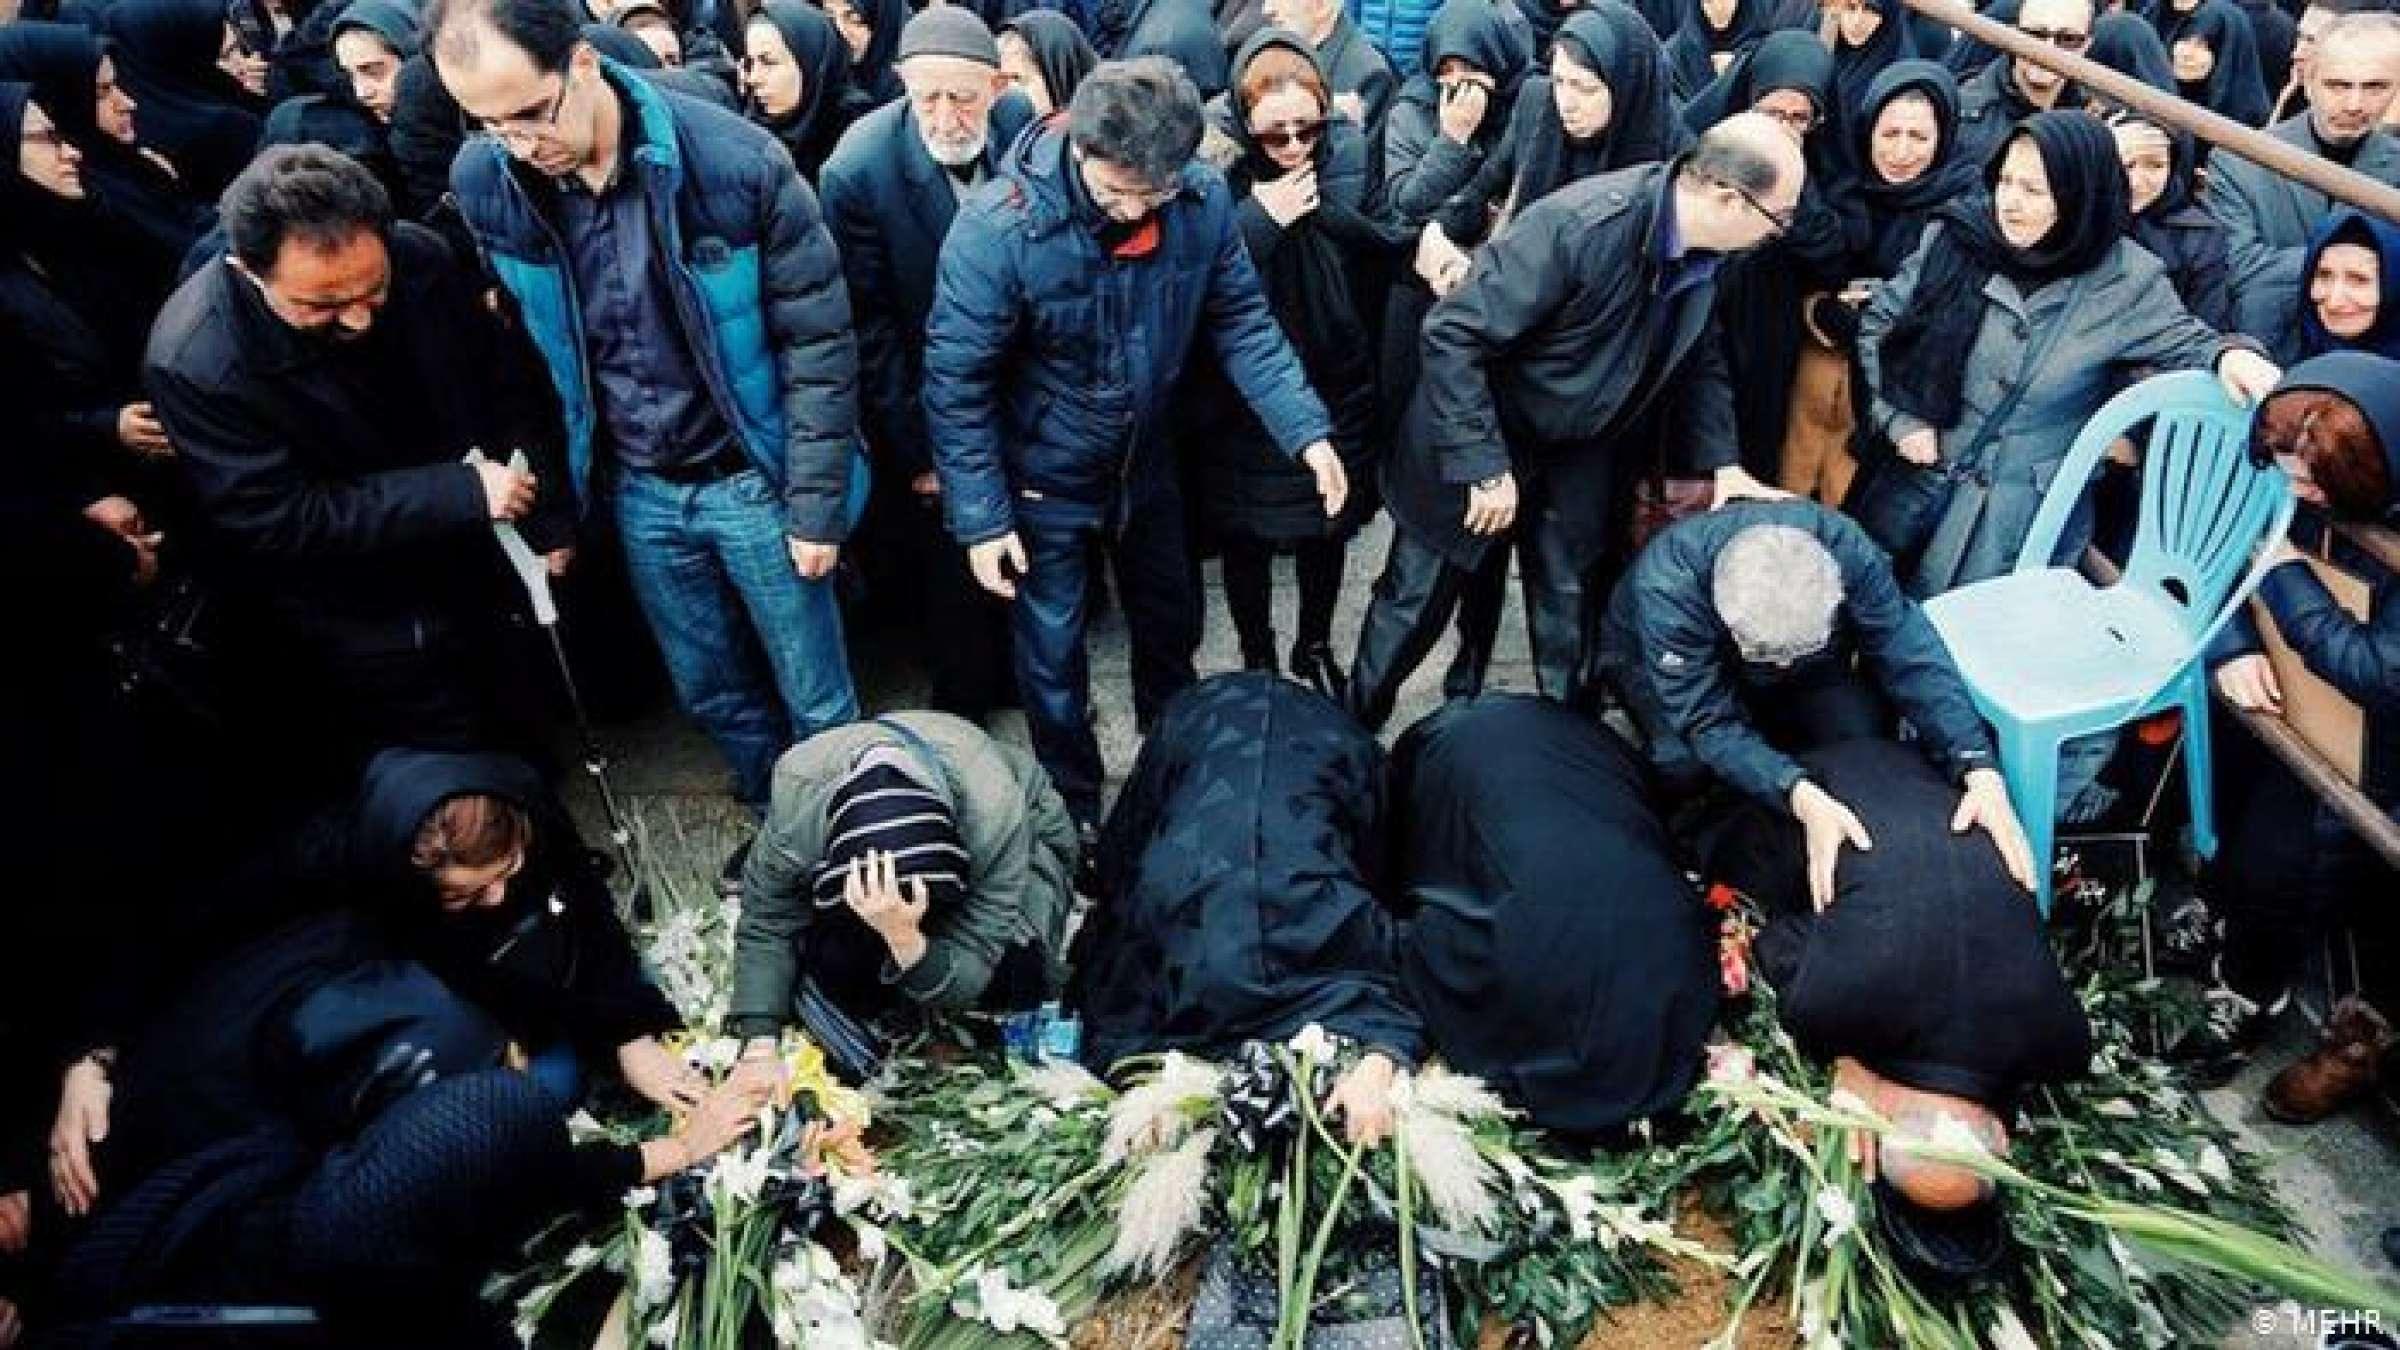 آمادگی-جمهوری-اسلامی-برای-پرداخت-غرامت-بین-المللی-به-خانواده-قربانیان-هواپیما-اوکراینی-تکلیف- نامعلوم- اطلاعات- جعبه- سیاه